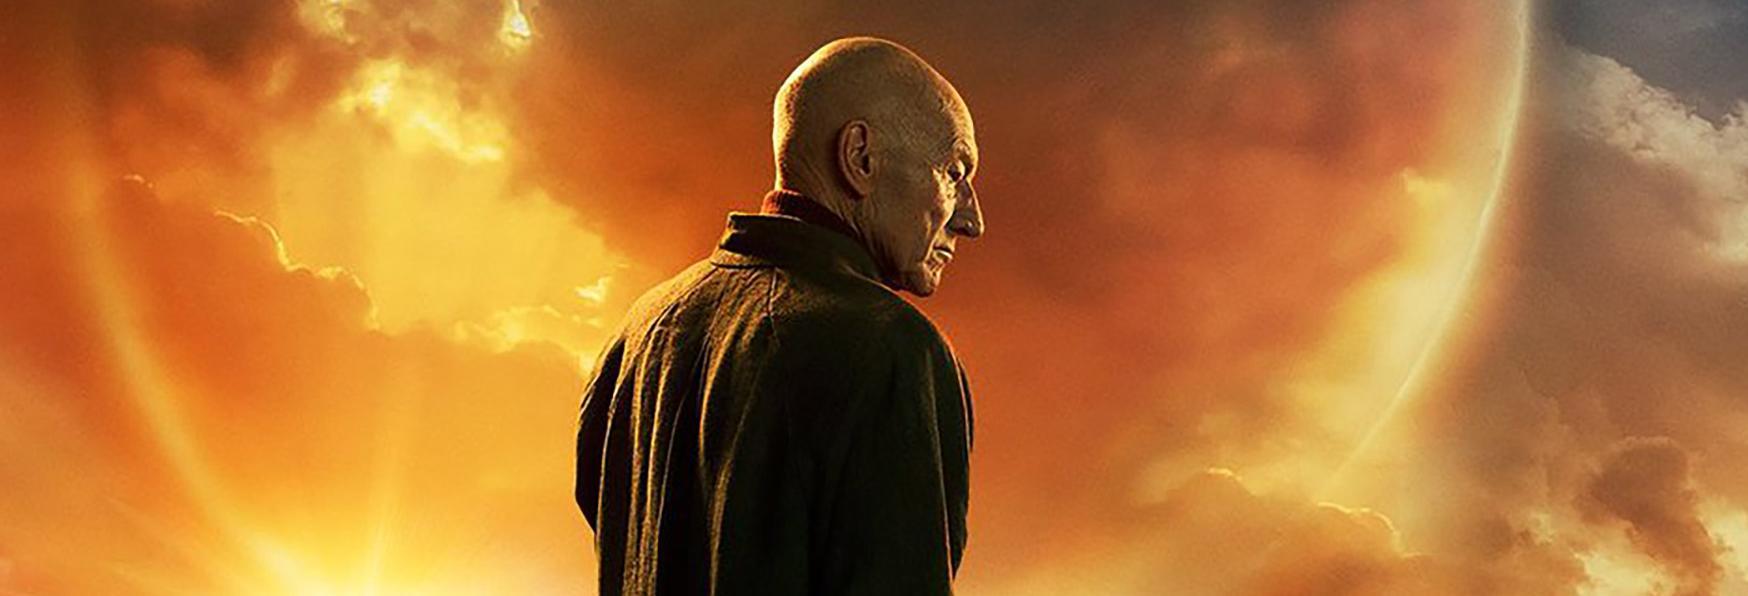 Star Trek: Picard - Il nuovo Trailer dello Spin-off di CBS All Access